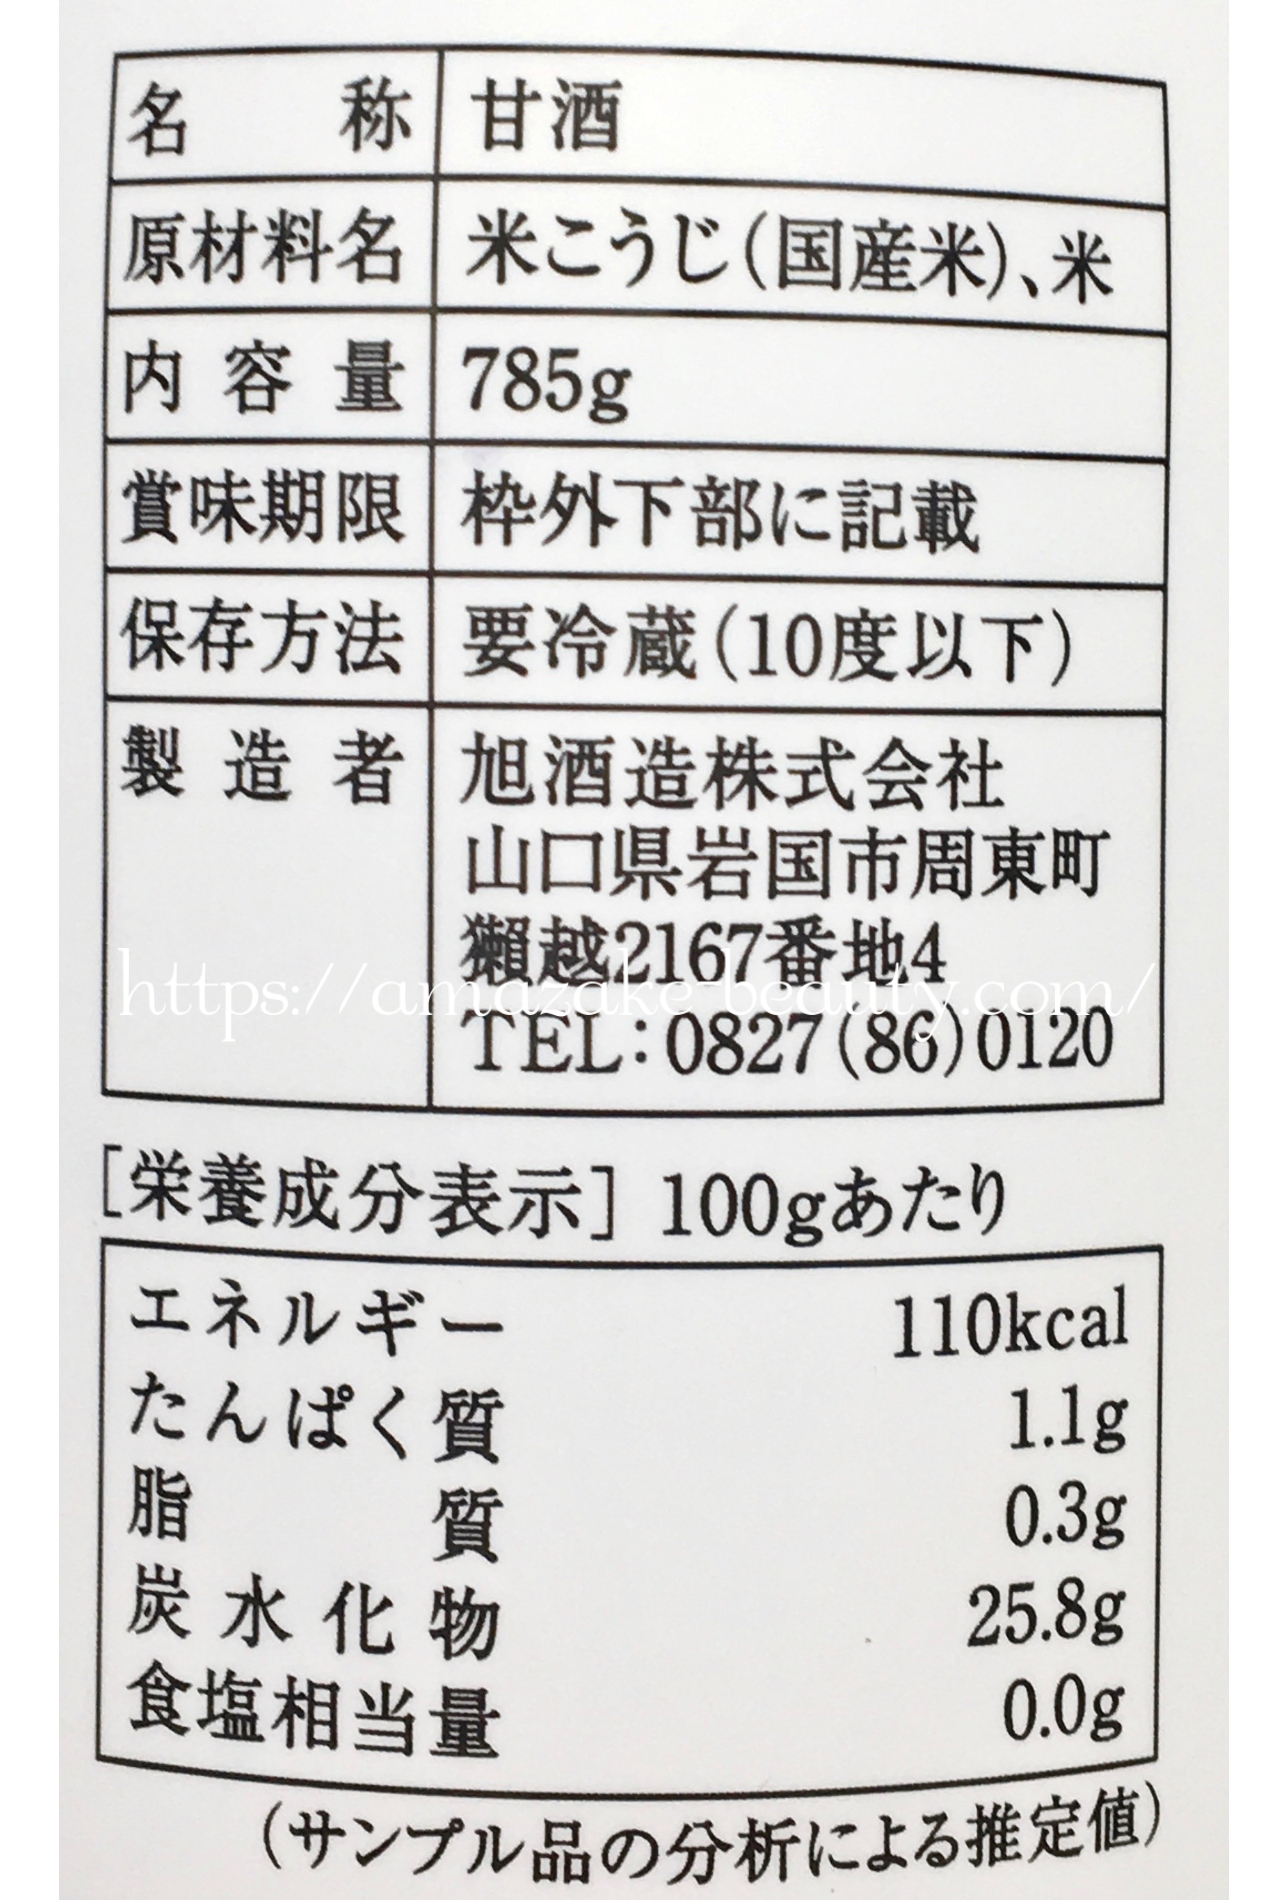 [amazake]asahishuzo[dassai amazake](product description)